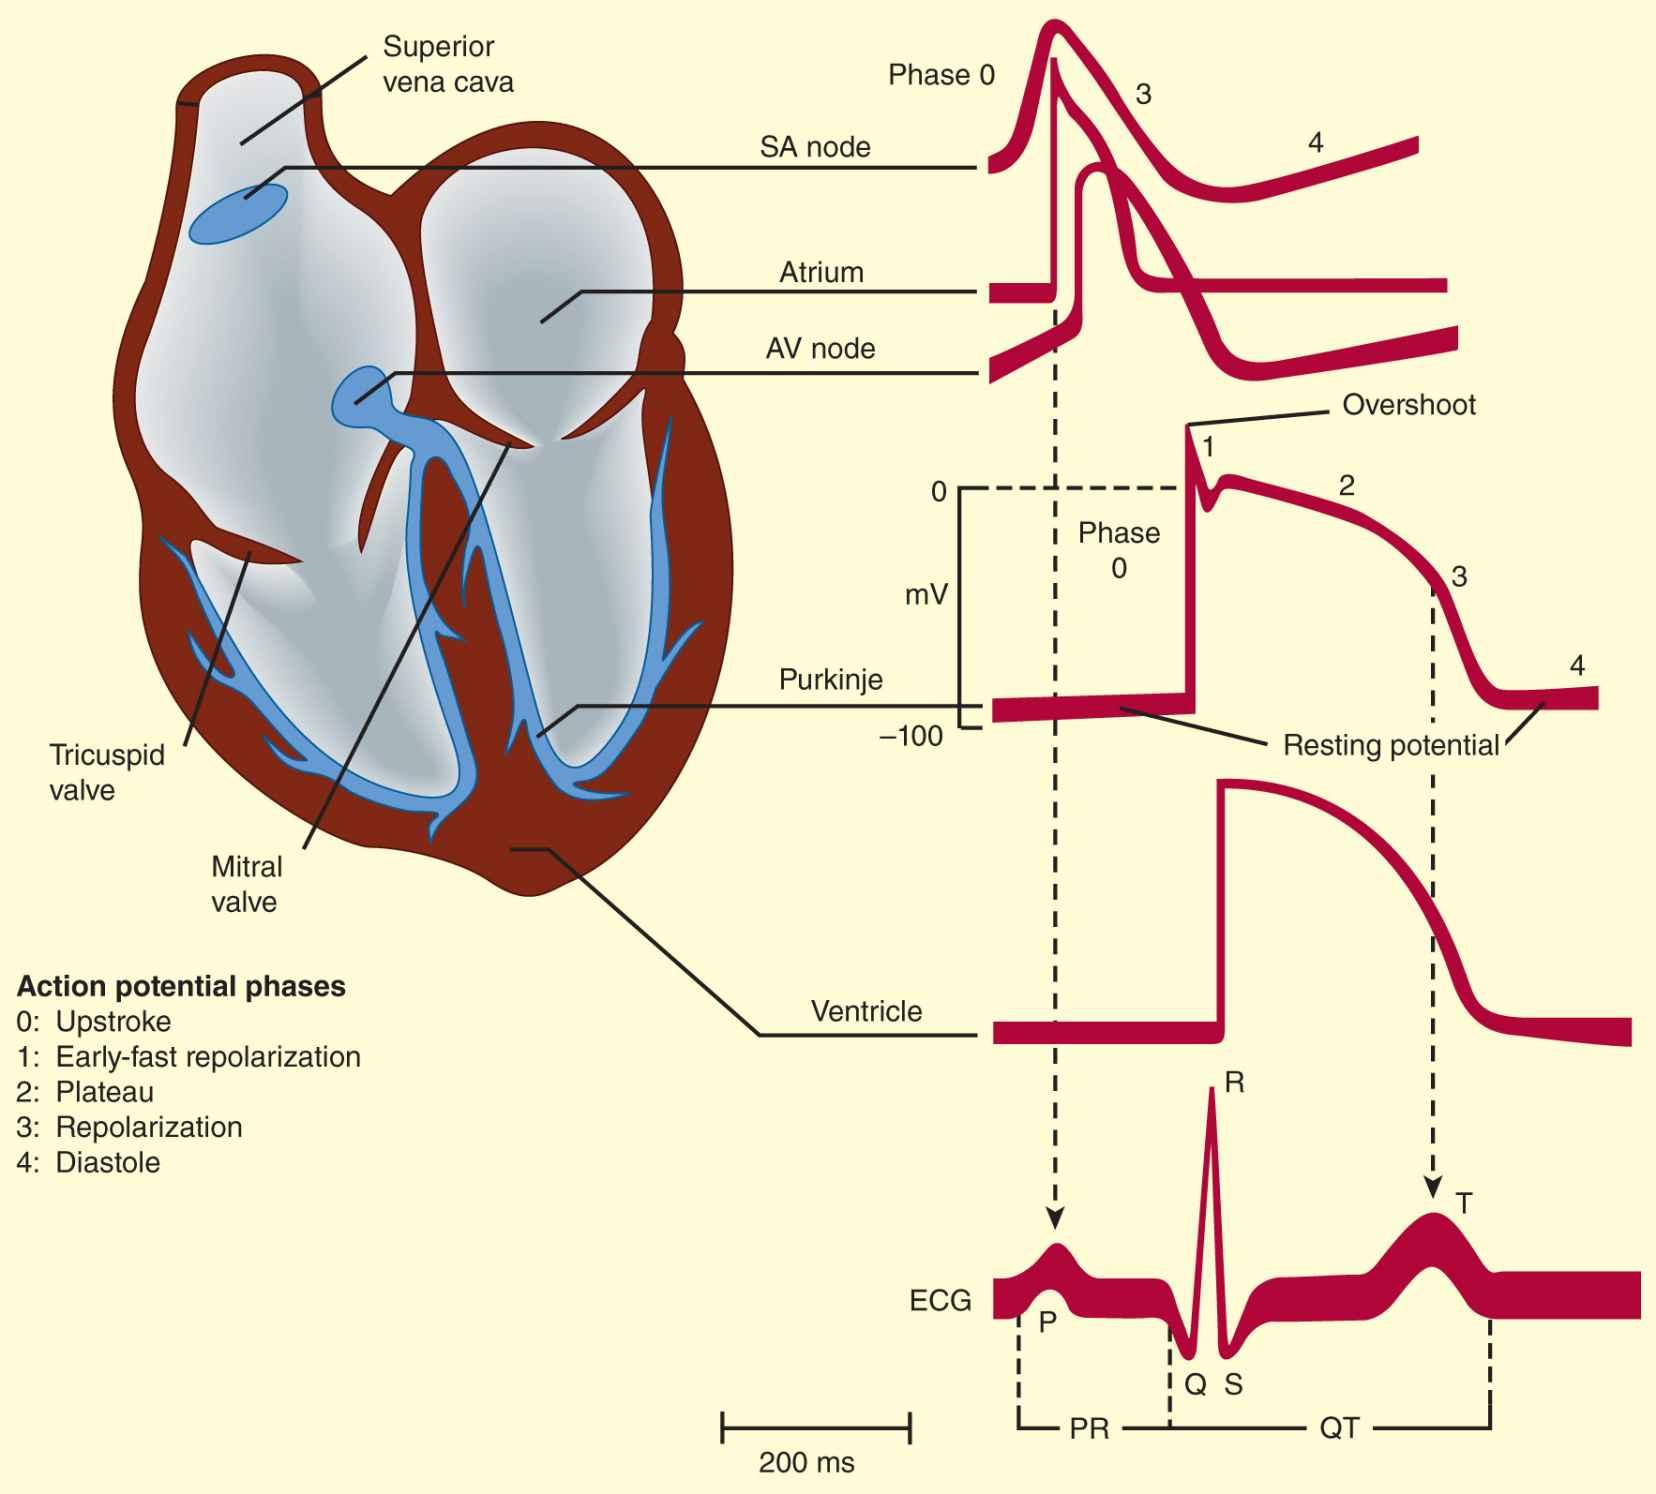 sinoatrial node diagram 3 phase socket wiring agents used in cardiac arrhythmias basicmedical key